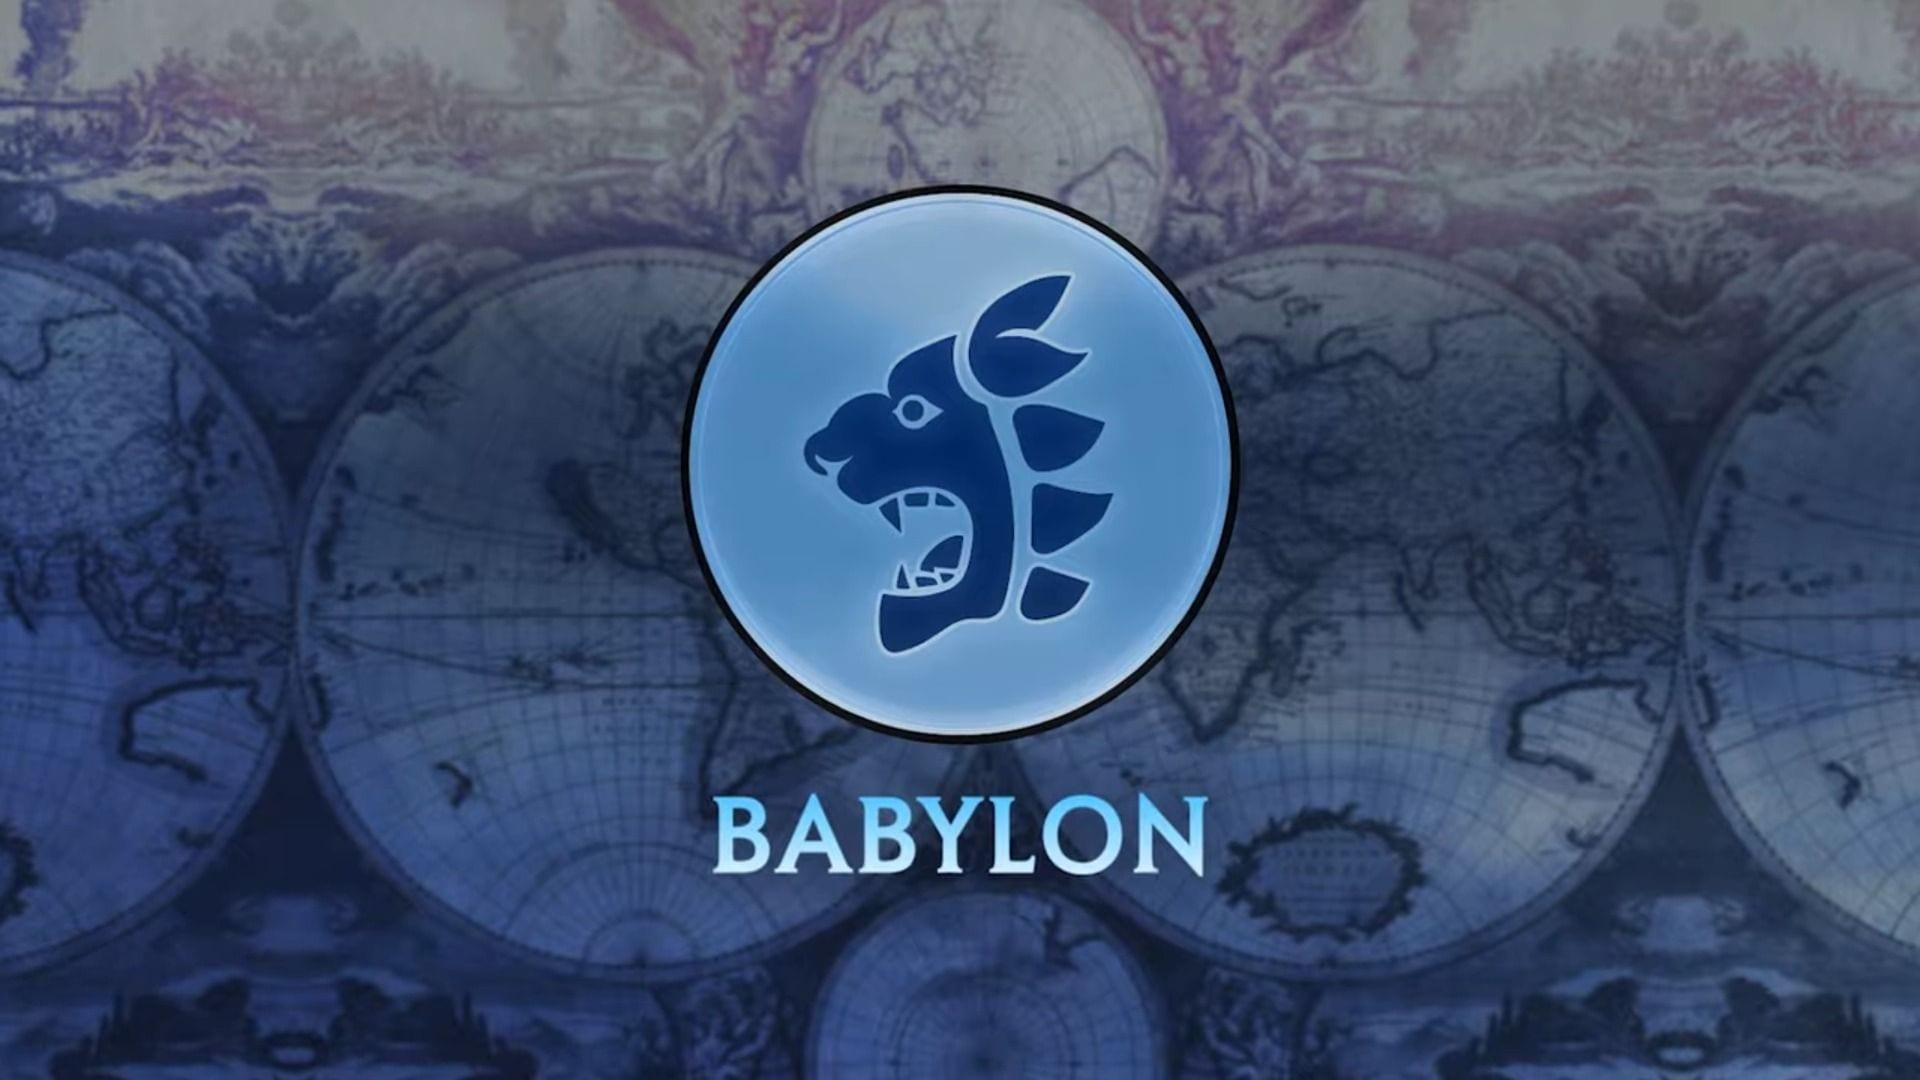 Civilization VI Reveals Babylon Civ And Details About November DLC